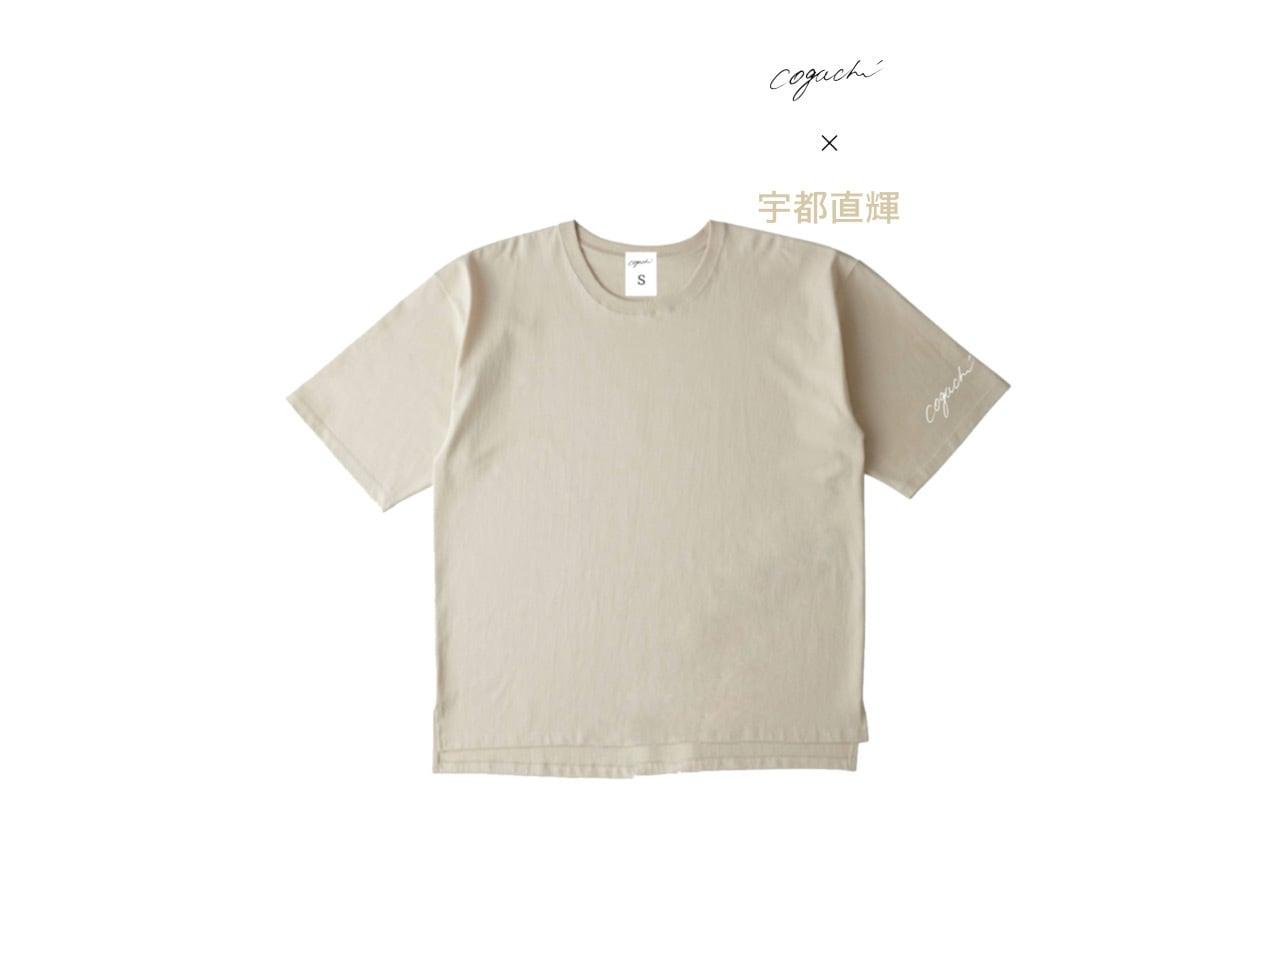 宇都直輝 Special Edition Collection logo big T-shirts (BGE)